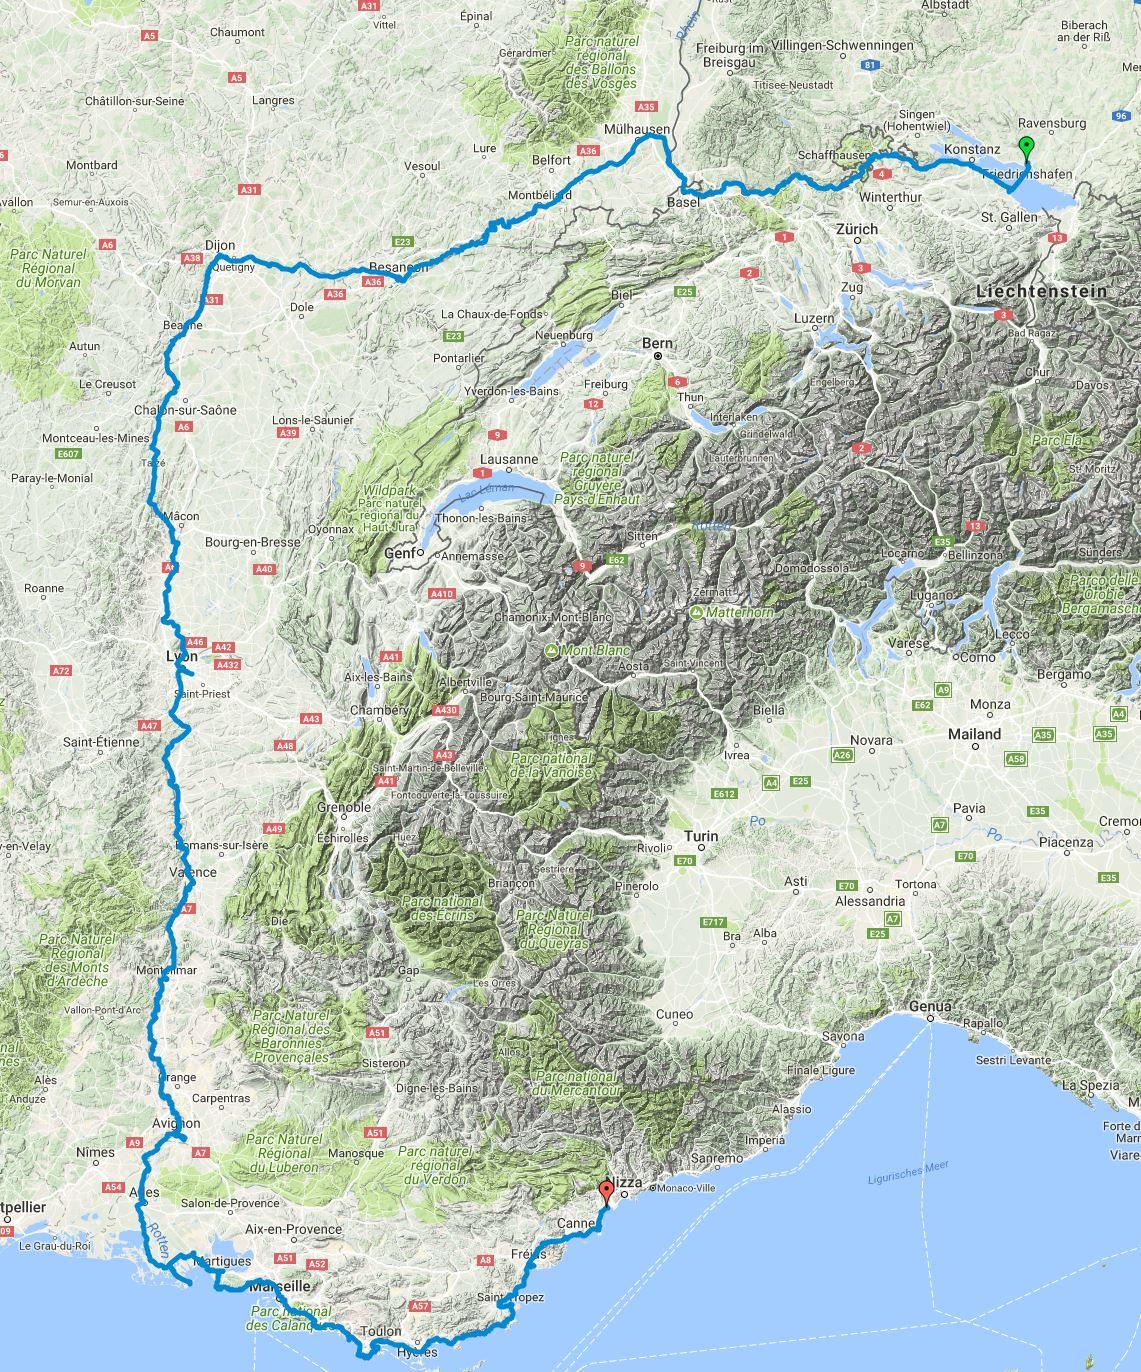 Geplante Route Friedrichshafen Nizza